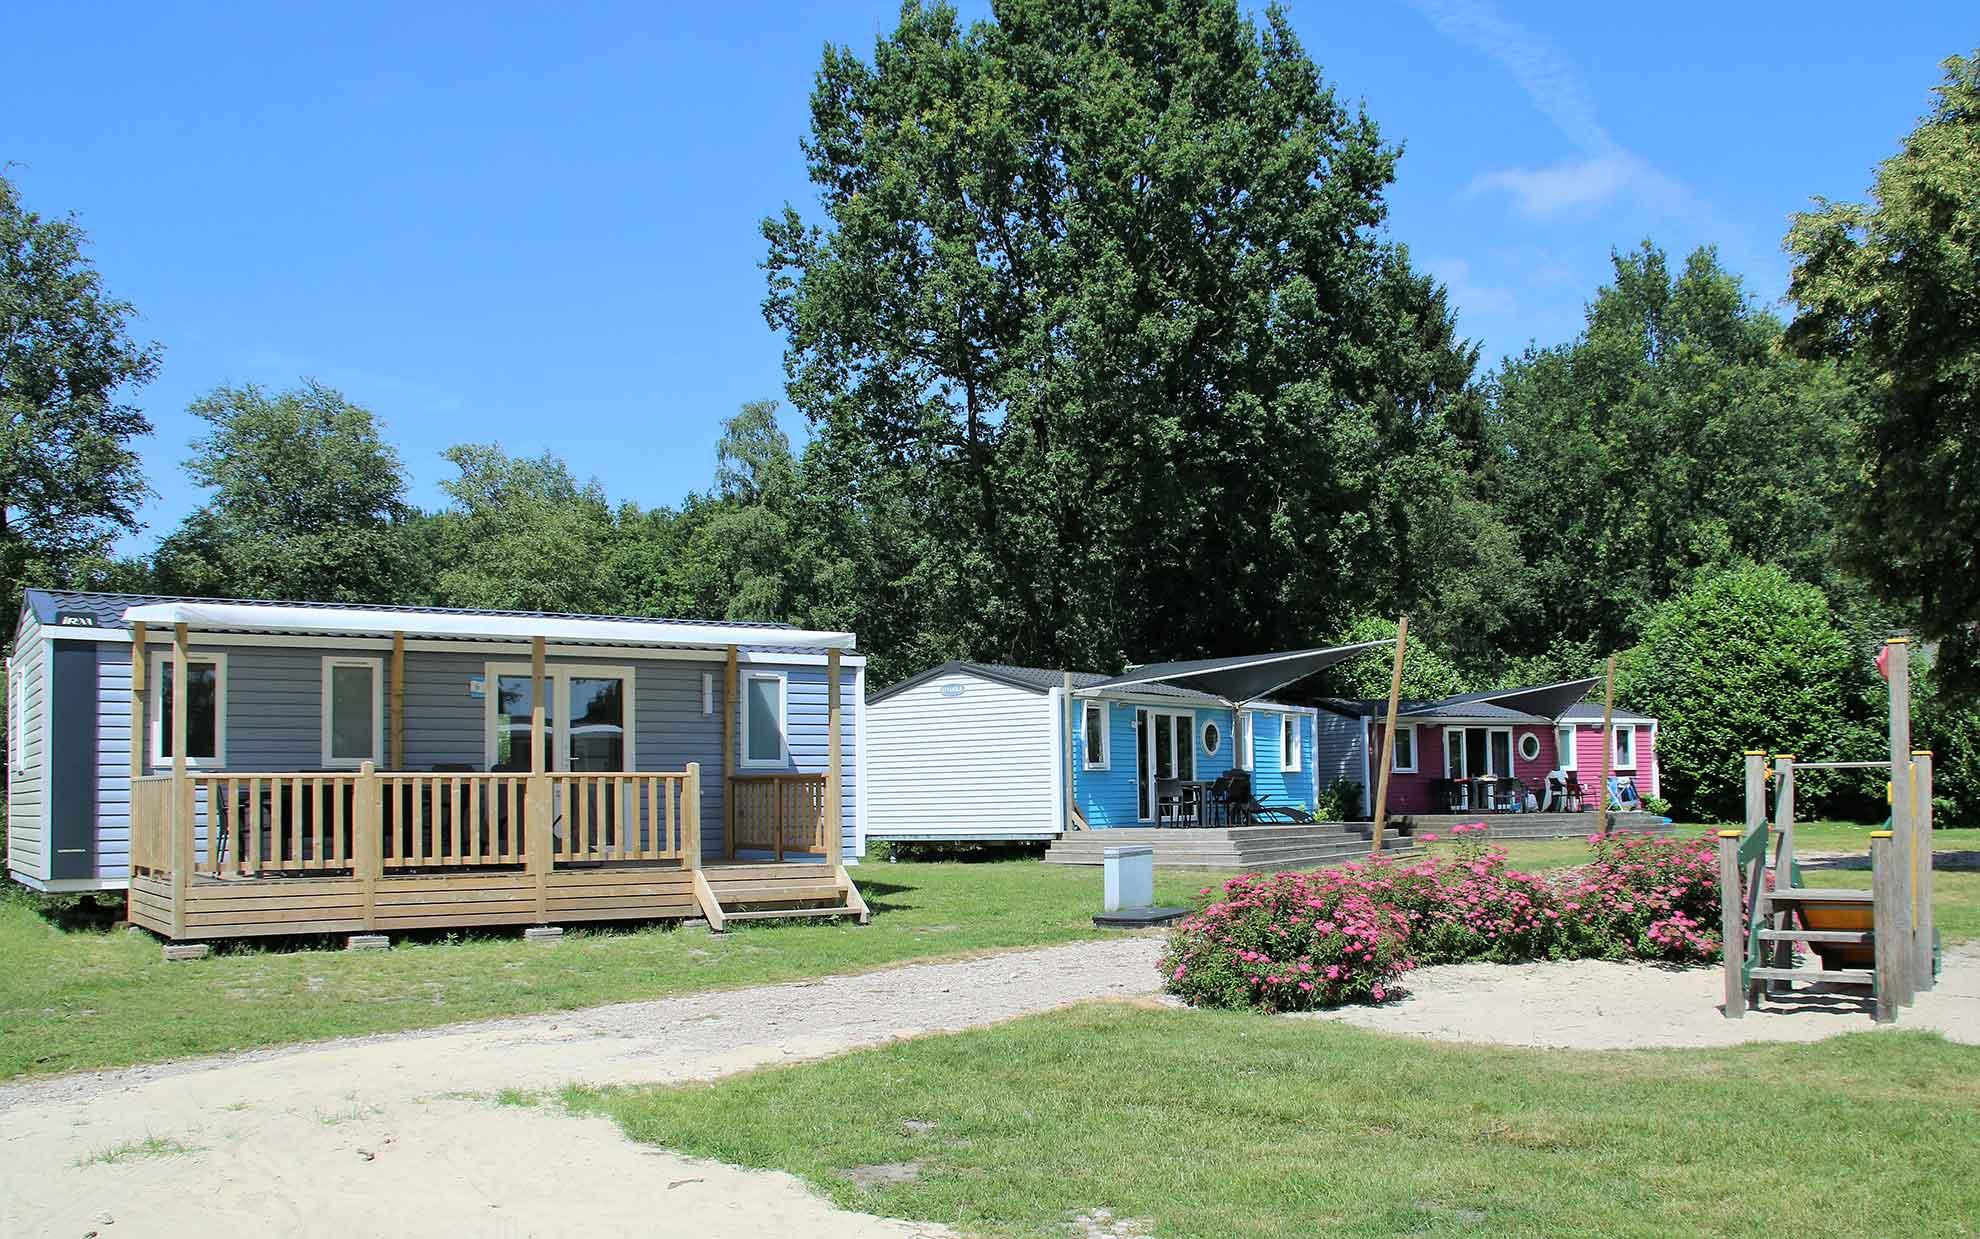 Familiencampingplatz im Vechtetal an der Deutsch-Niederländischen Grenze - Familiencampingplatz im Vechtetal